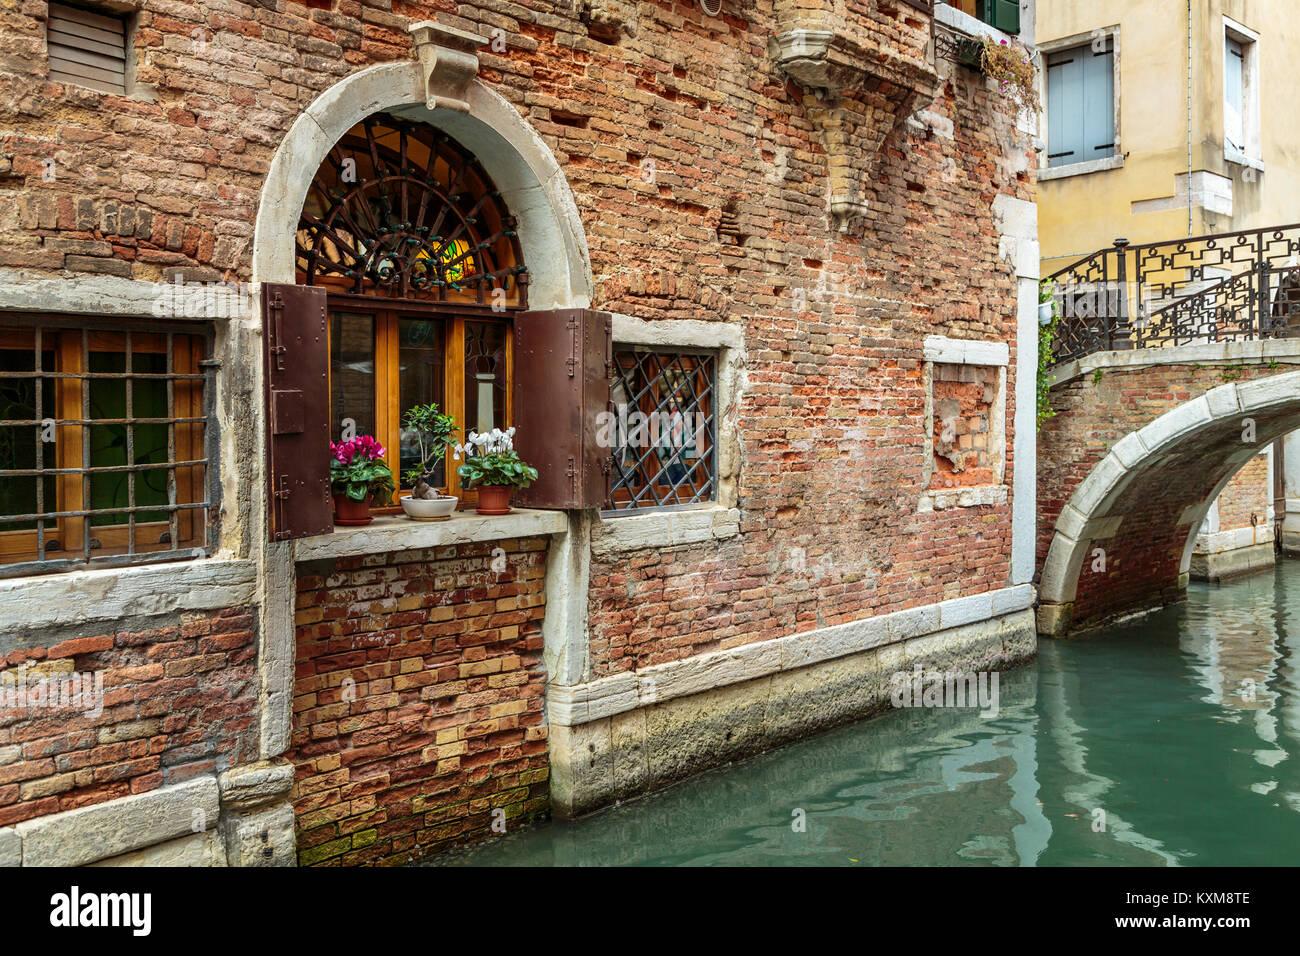 Building facade detail along a small canal in Veneto, Venice, Italy, Europe. - Stock Image